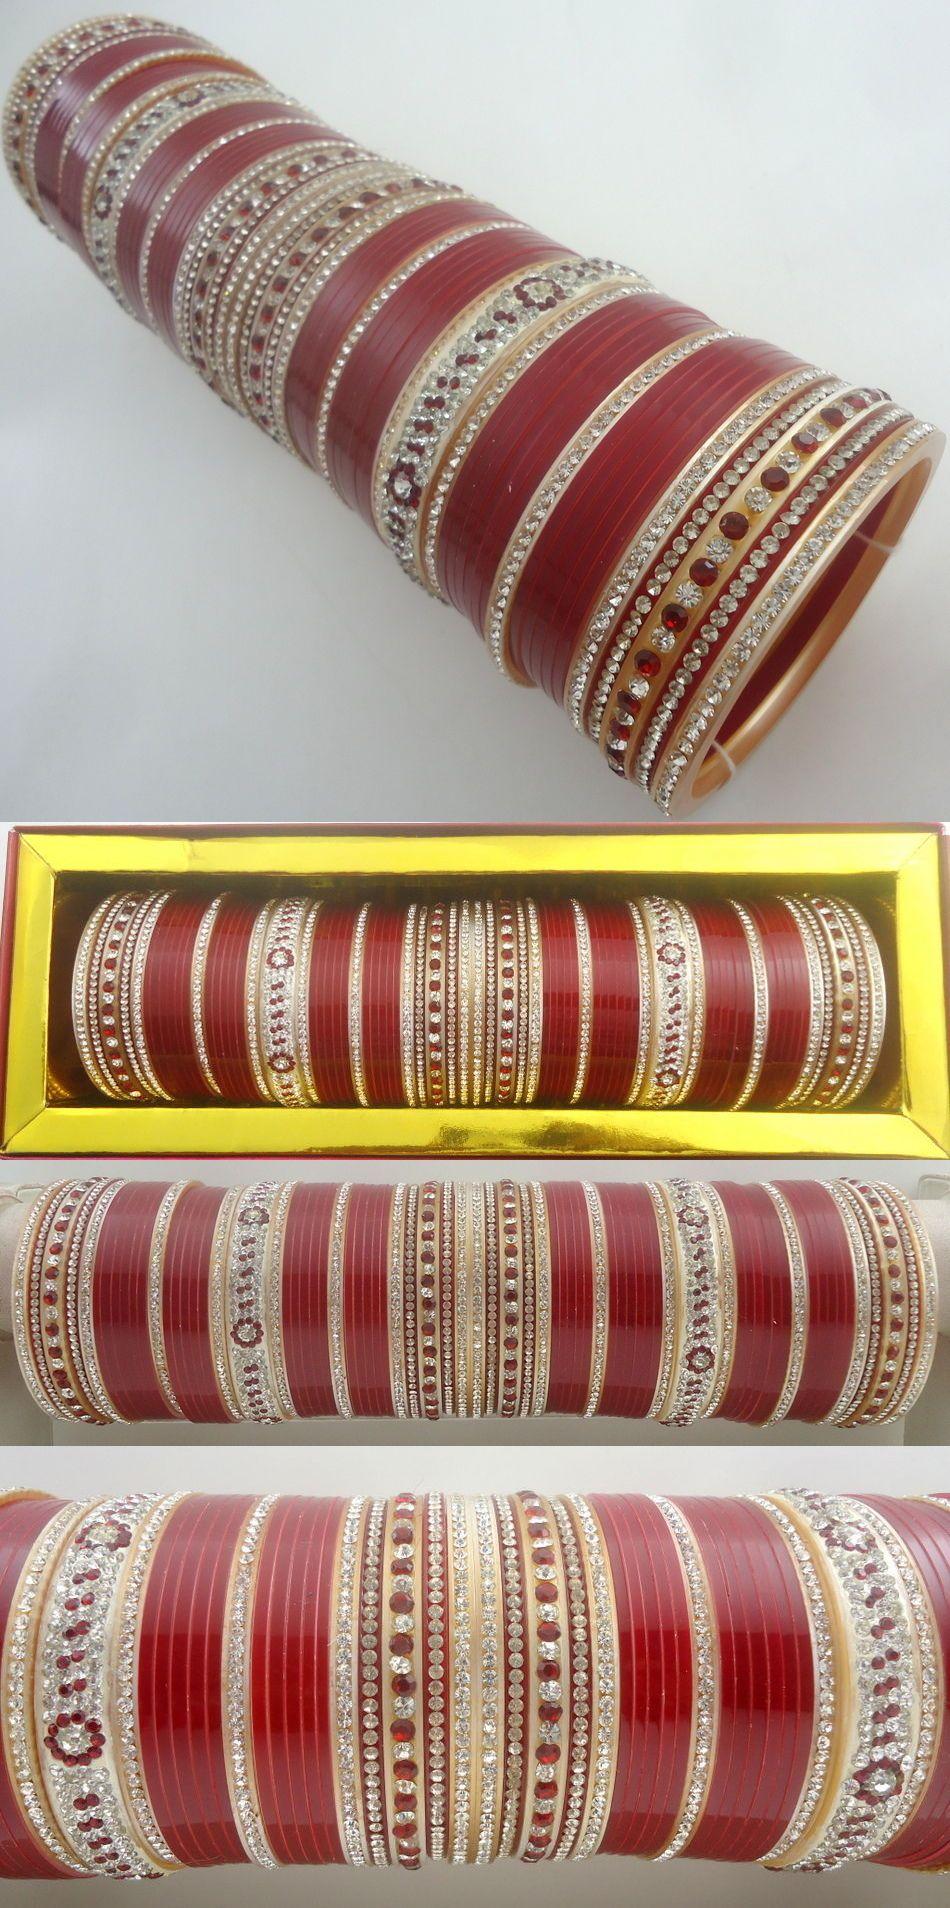 Indial Dulhan New Chudi Set Fashion Collection Ethnic Bangle Suhag Chura Set Bridal & Wedding Party Jewelry